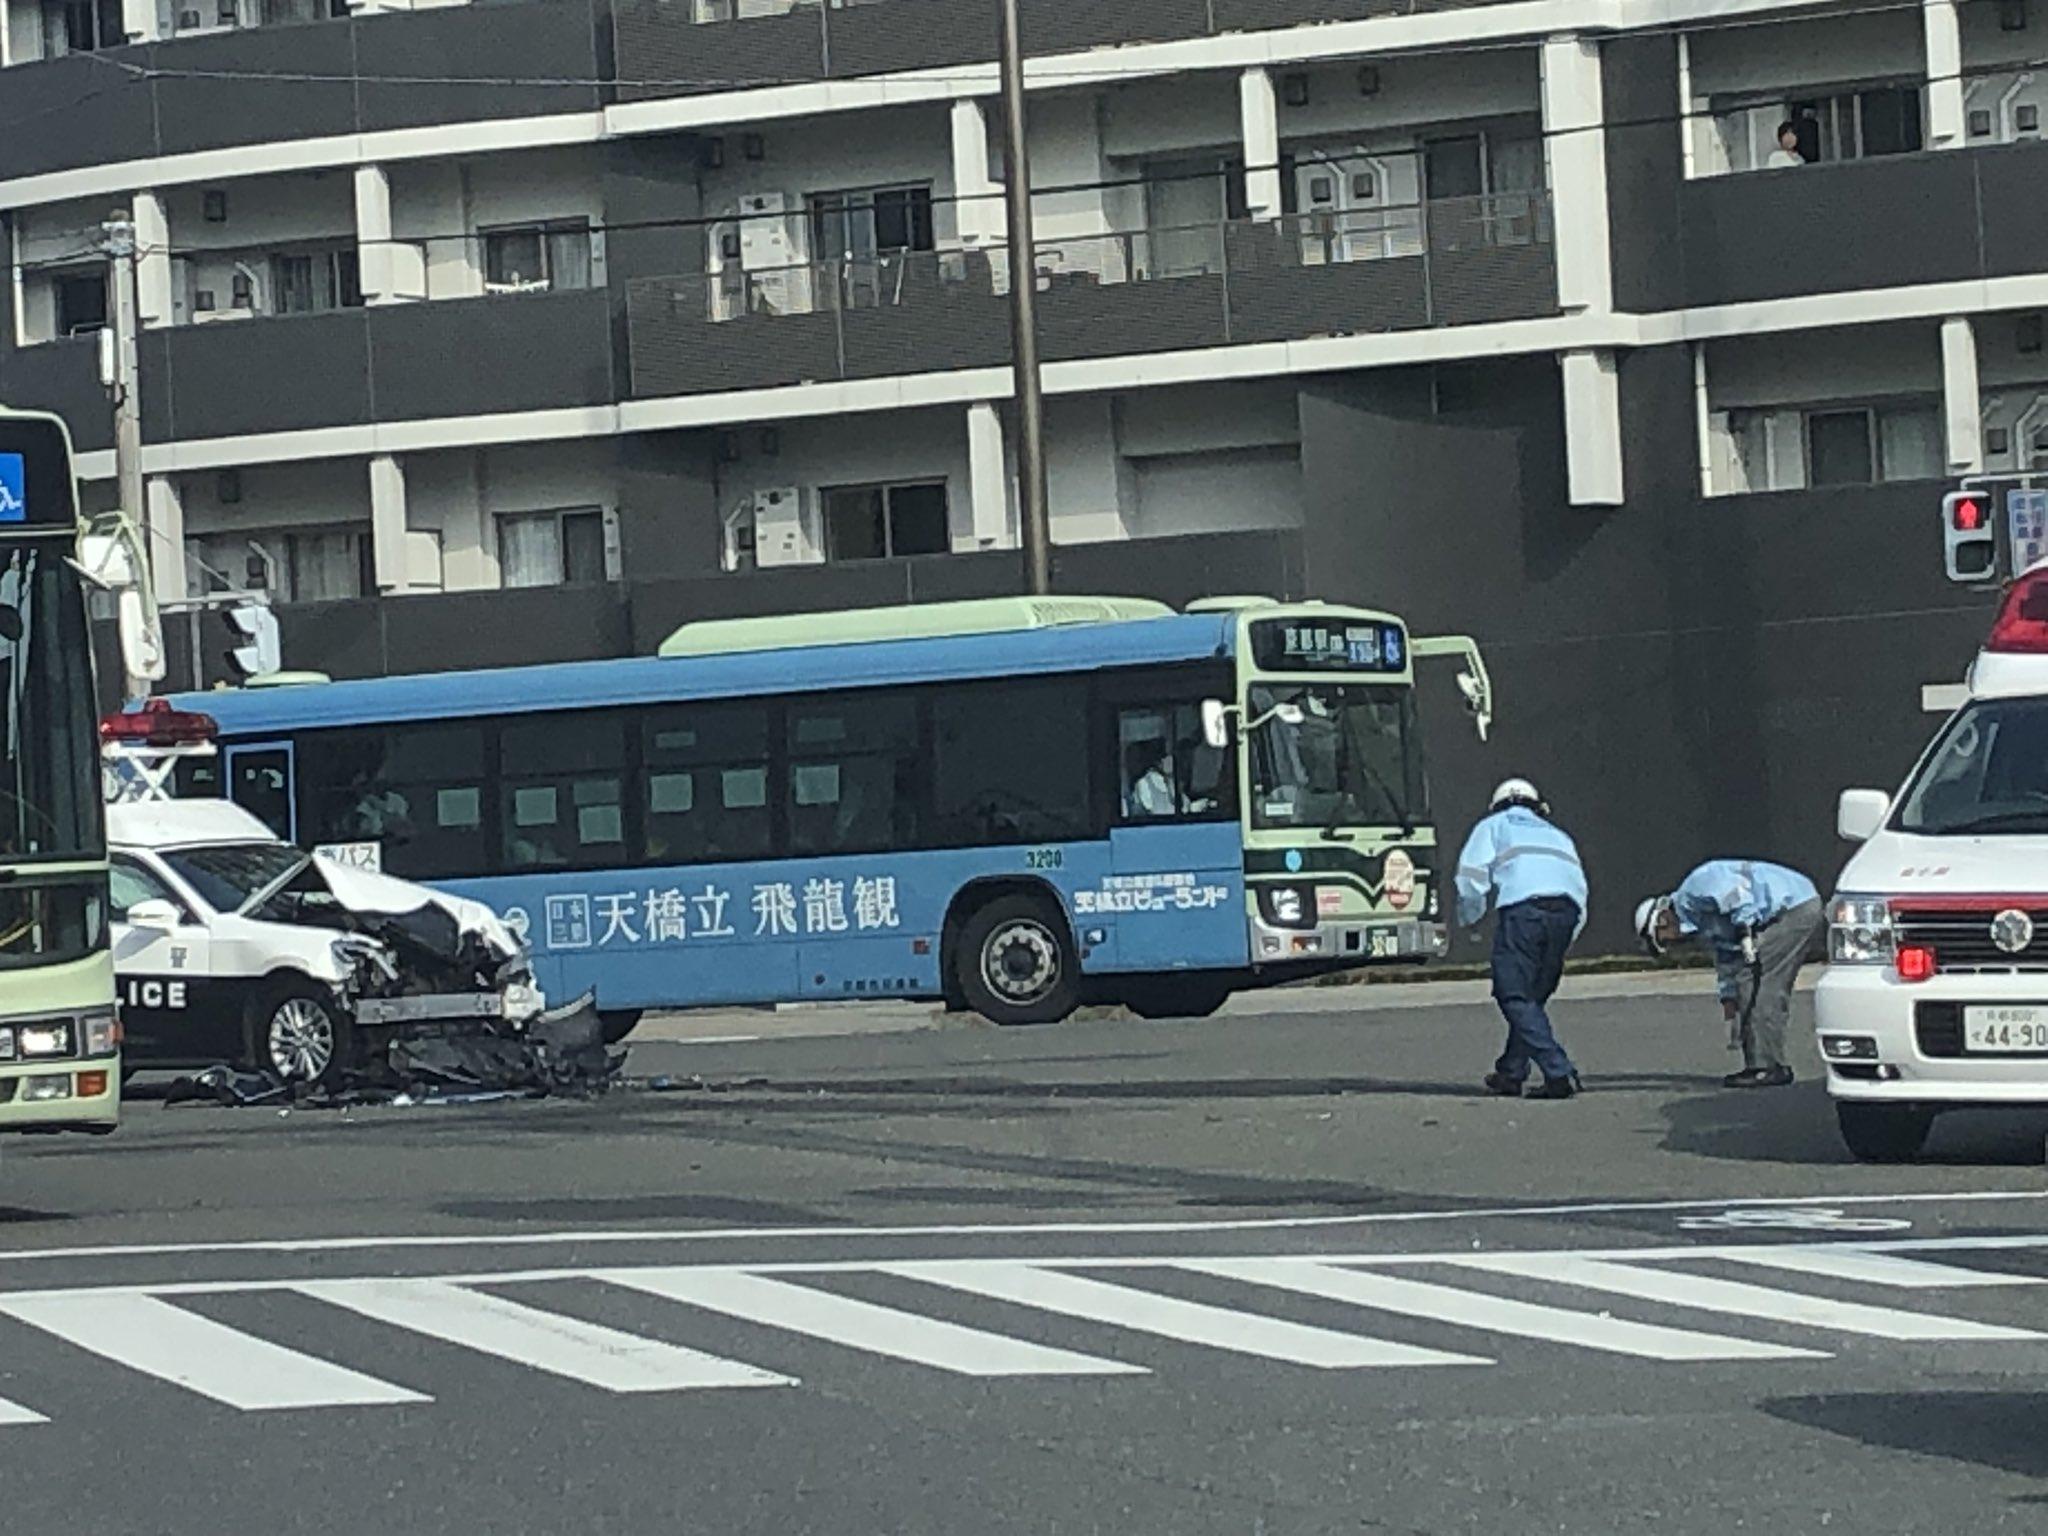 京都市下京区材木町でパトカーとレクサスが衝突した事故現場の画像